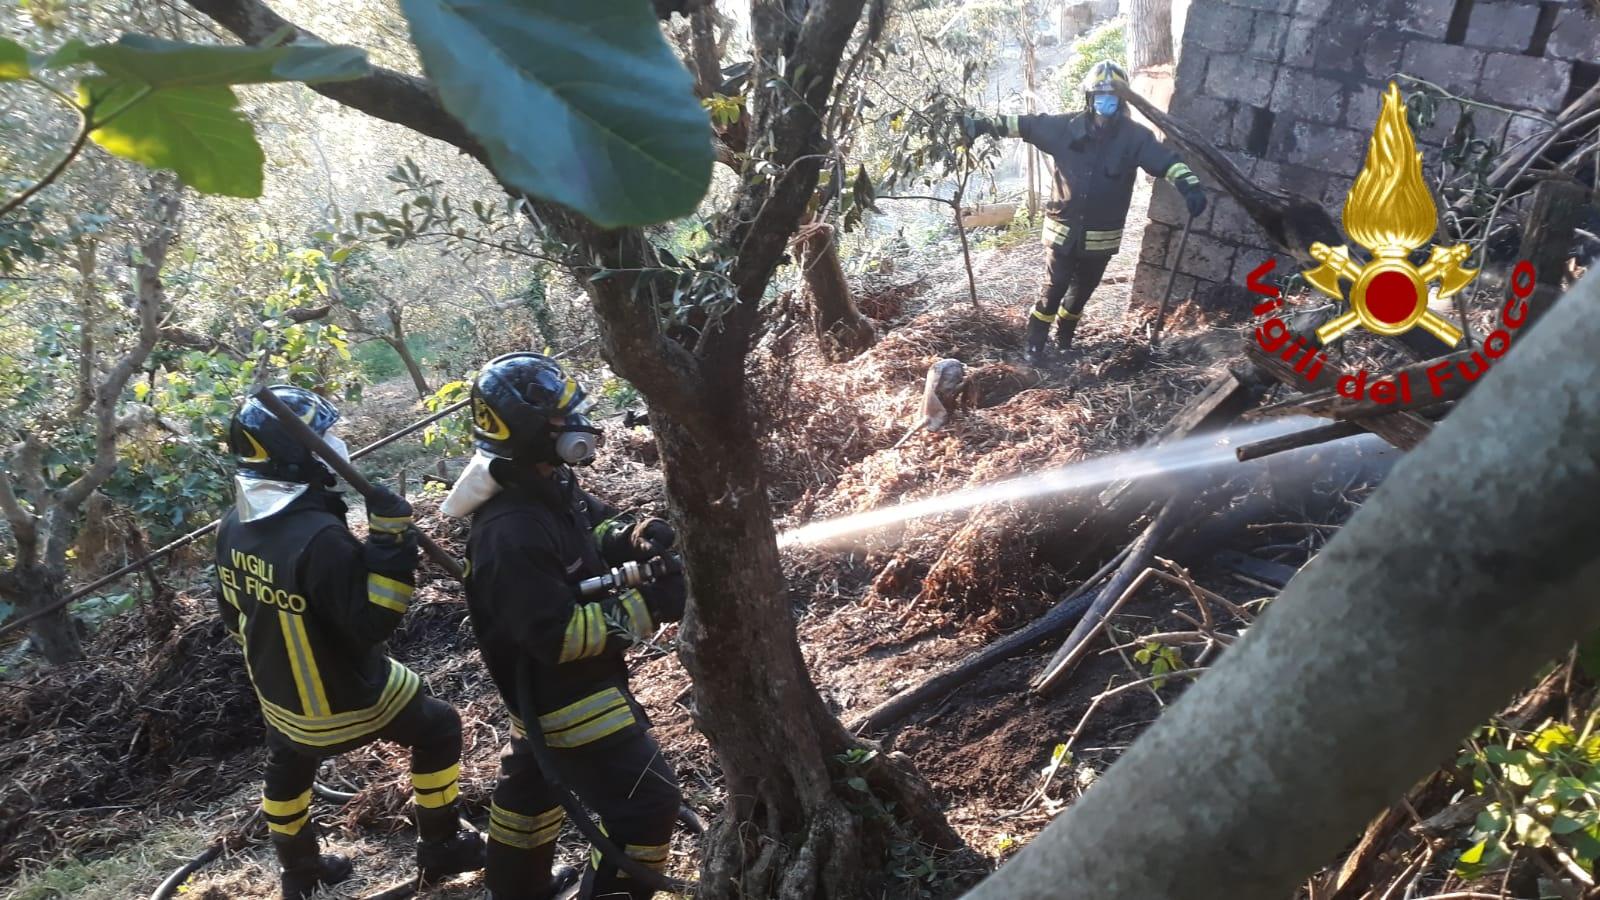 Ariano Irpino  Incendio in un deposito agricolo, vigili del fuoco al lavoro fino al mattino